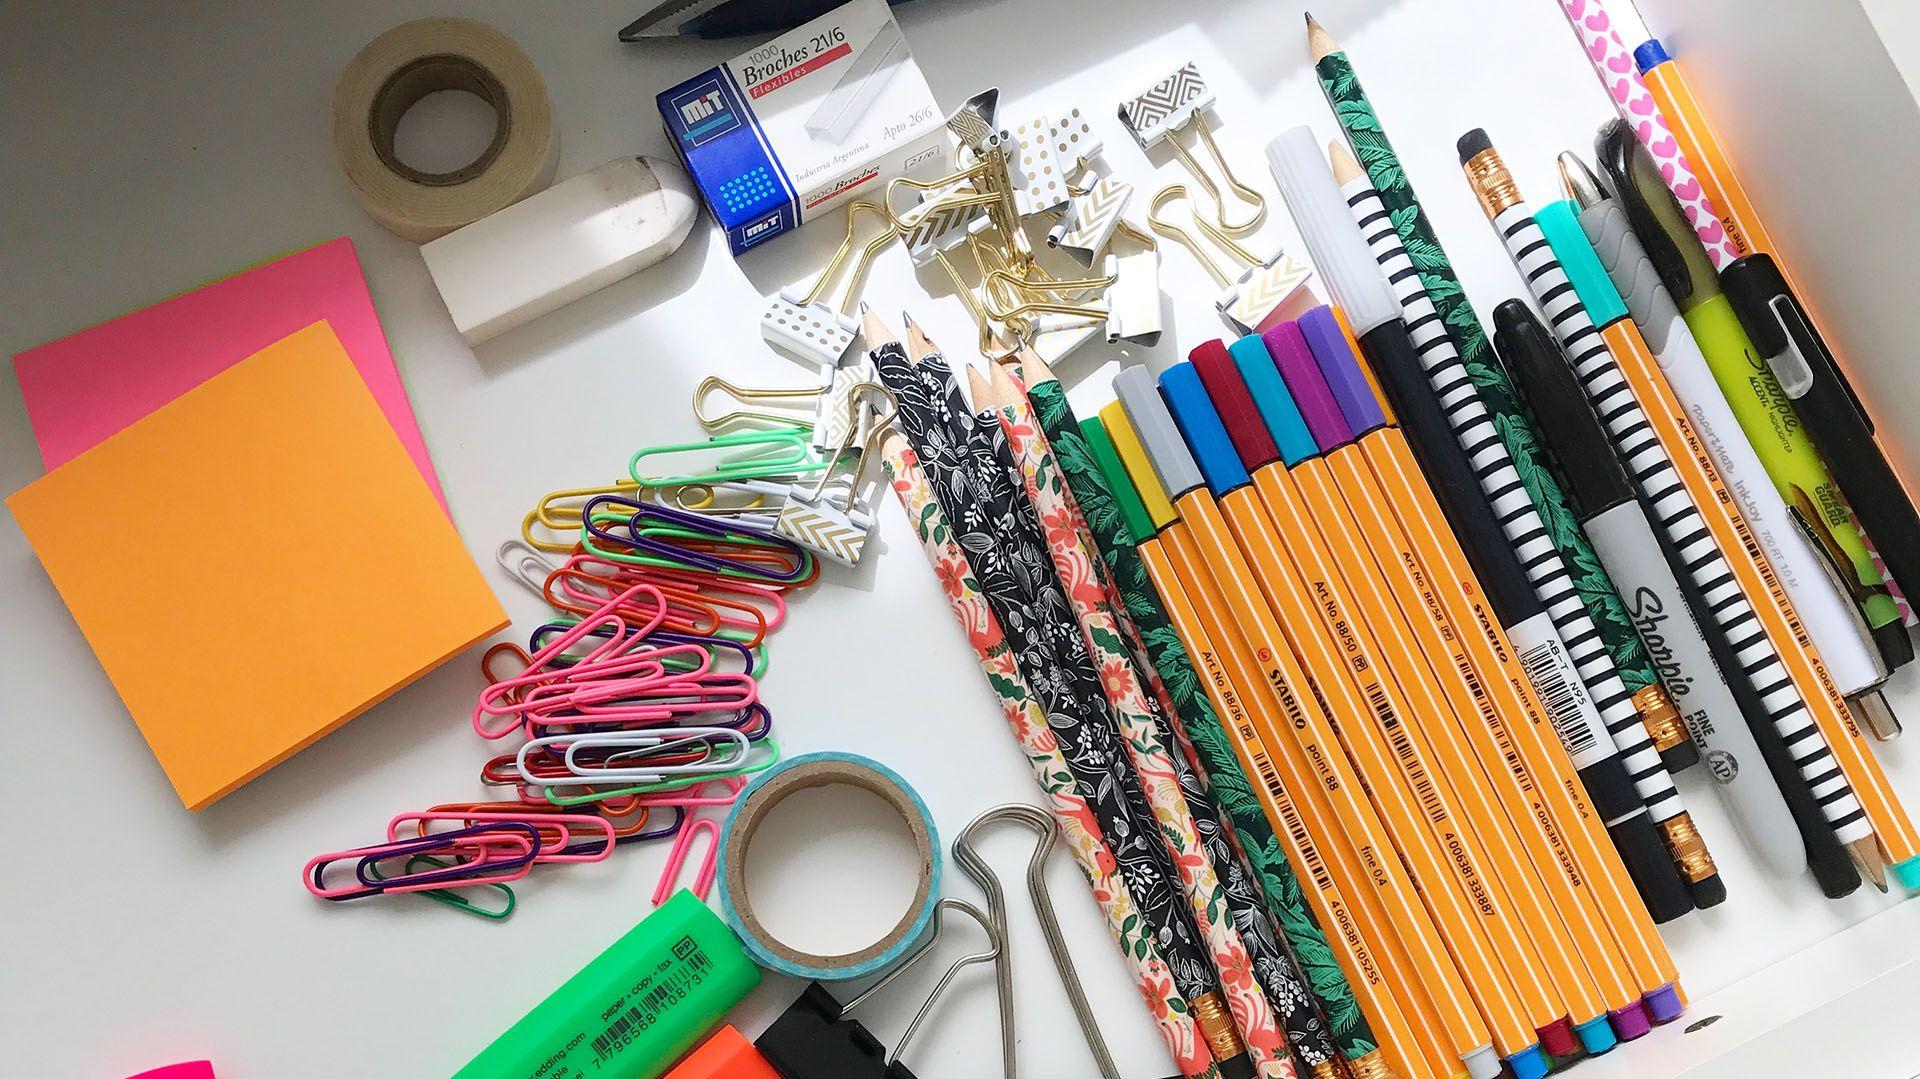 Como todos los años las canastas se componen por 4 categorías: Jardín; de primero a tercer grado; de cuarto grado a séptimo grado y secundaria